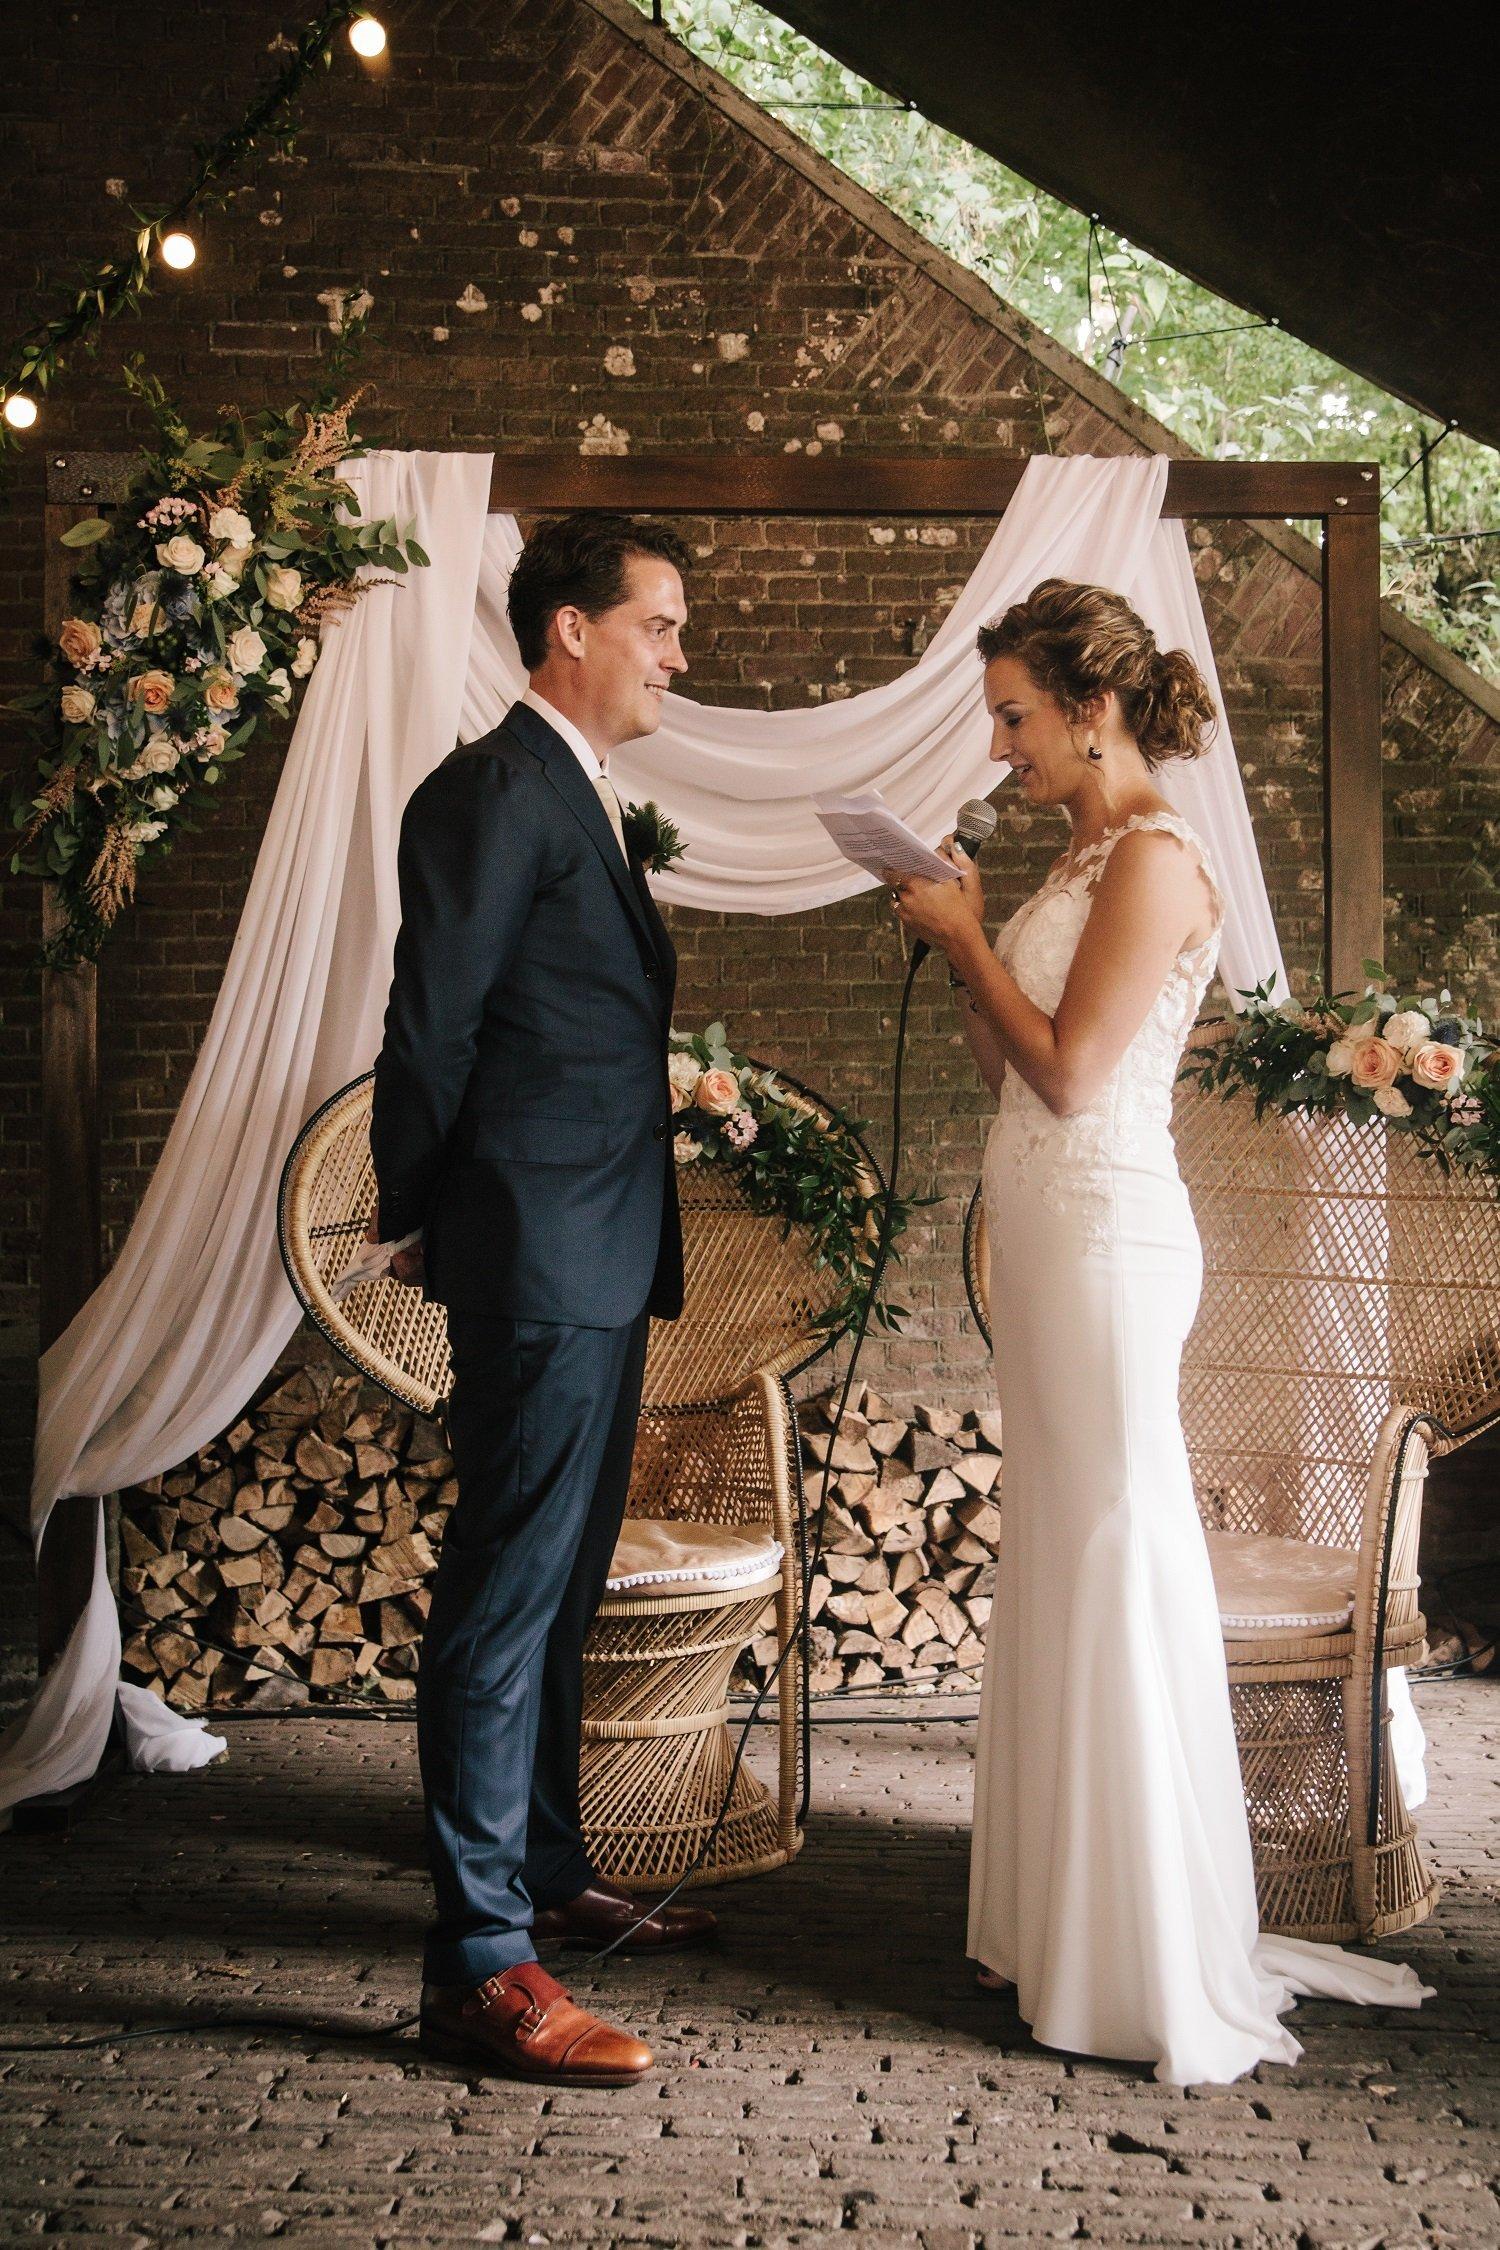 Geloften schrijven bruiloft